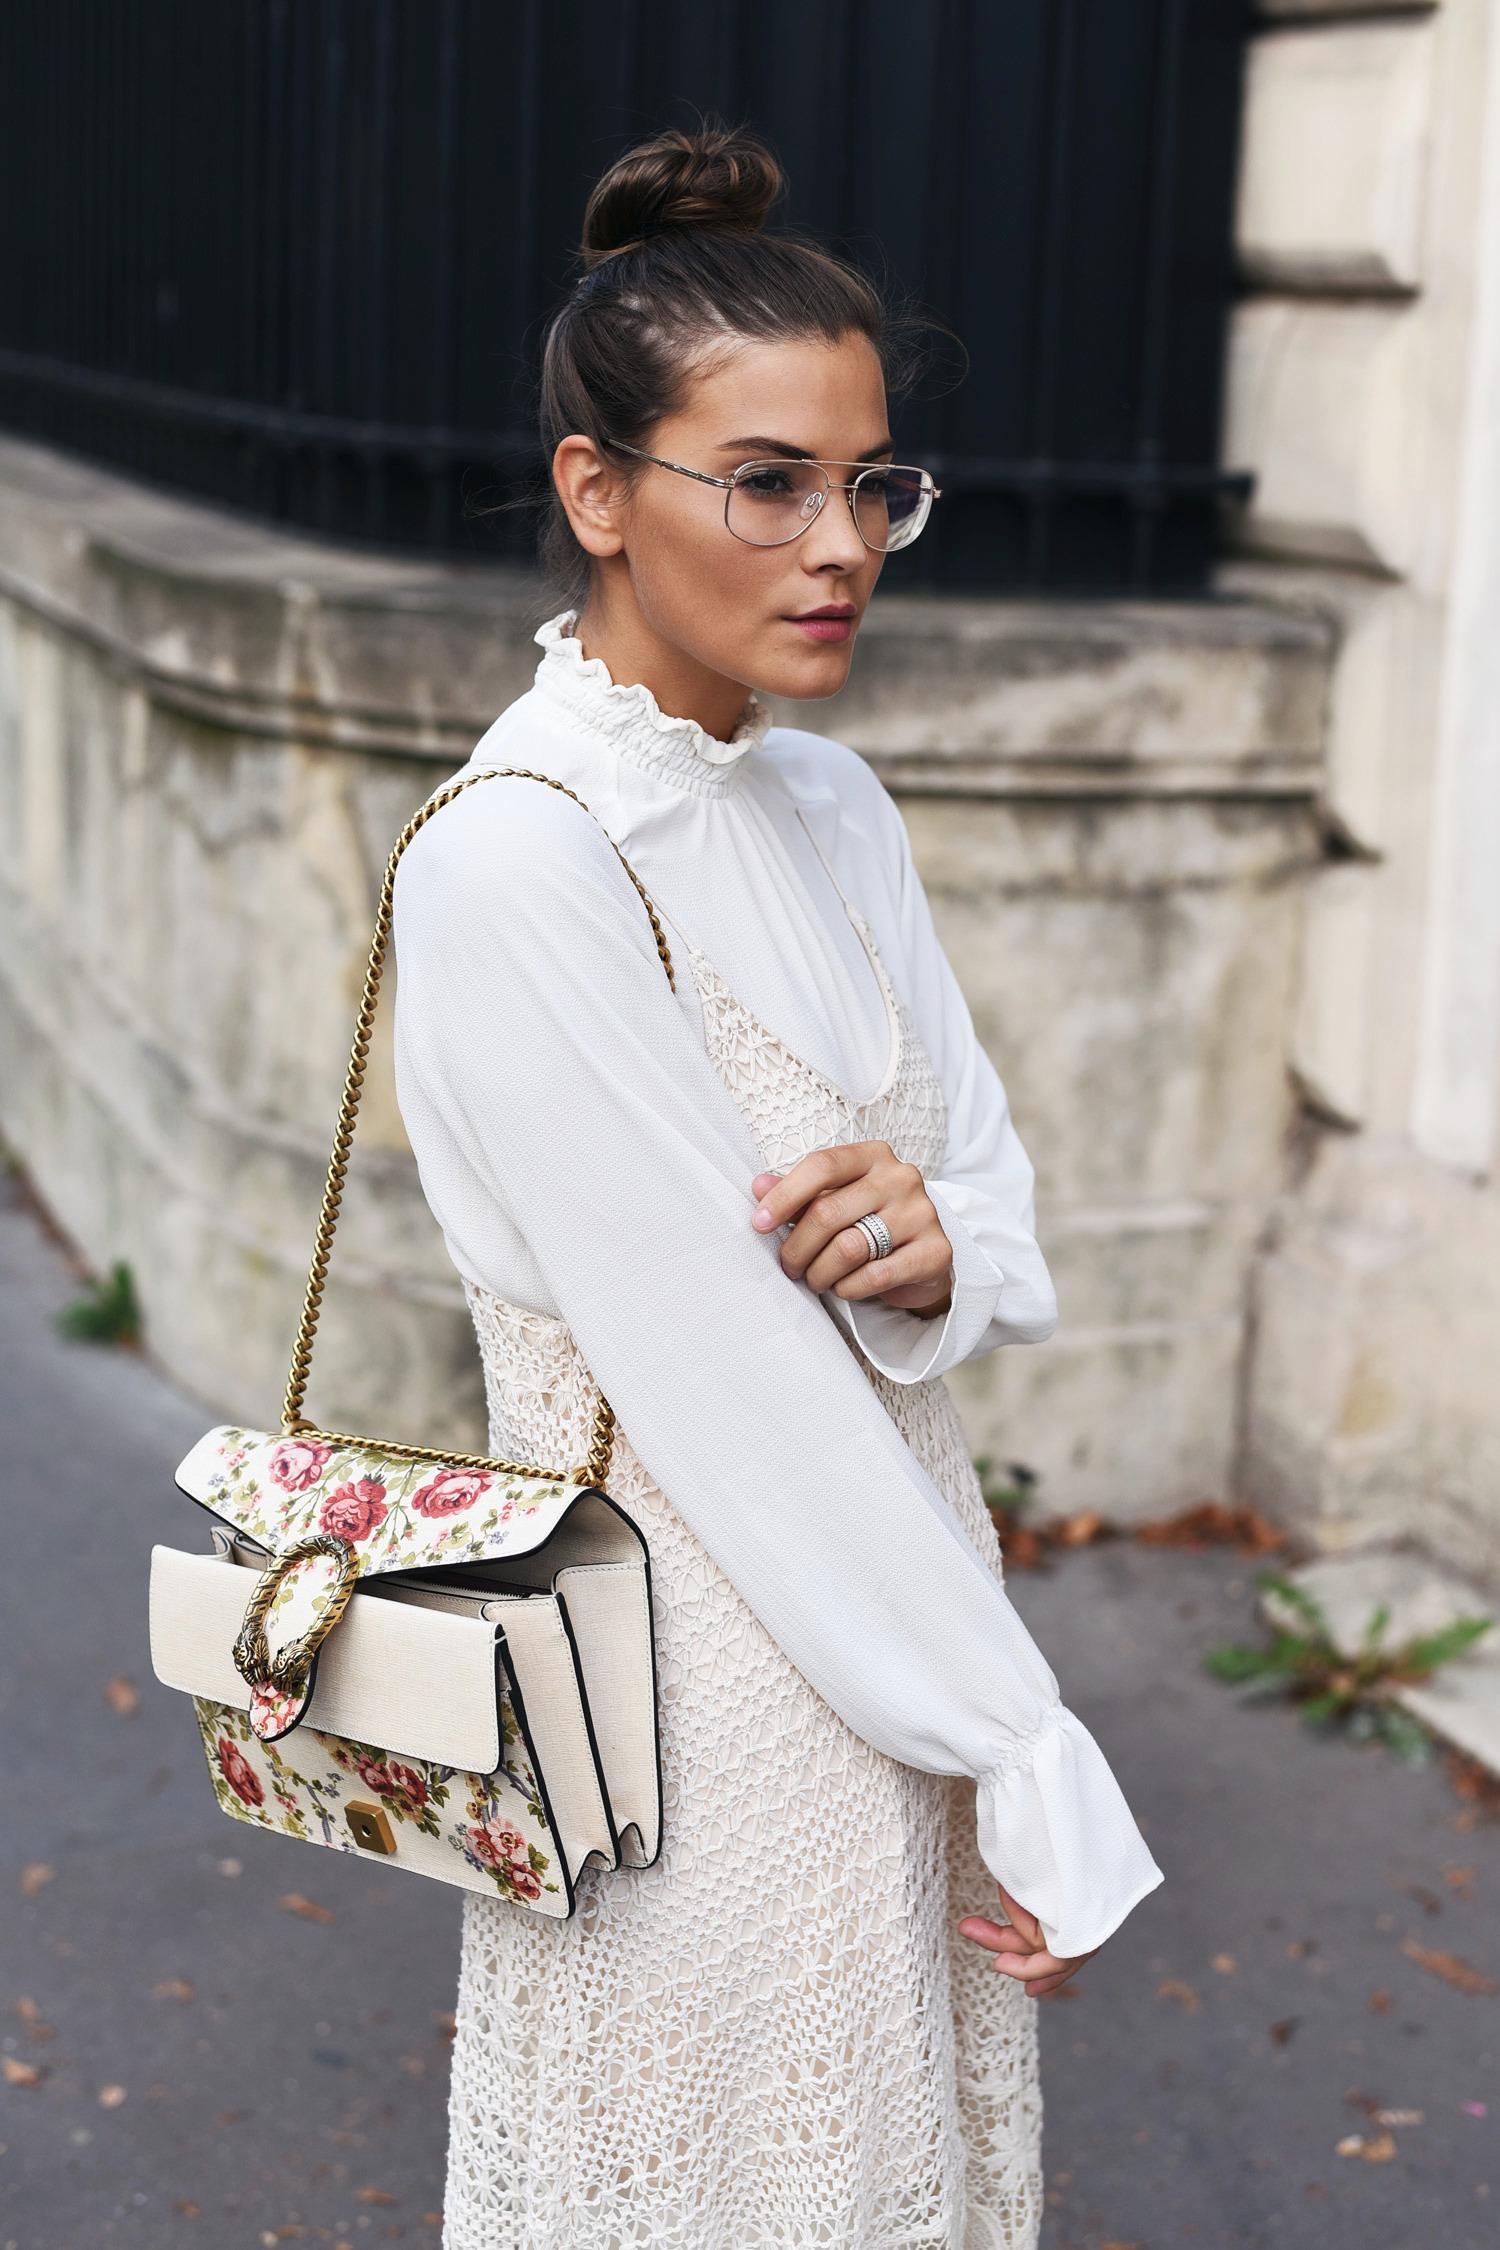 bluse-unter-kleid-tragen-trend-sommerkleid-wintertauglich-machen-fashiioncarpet